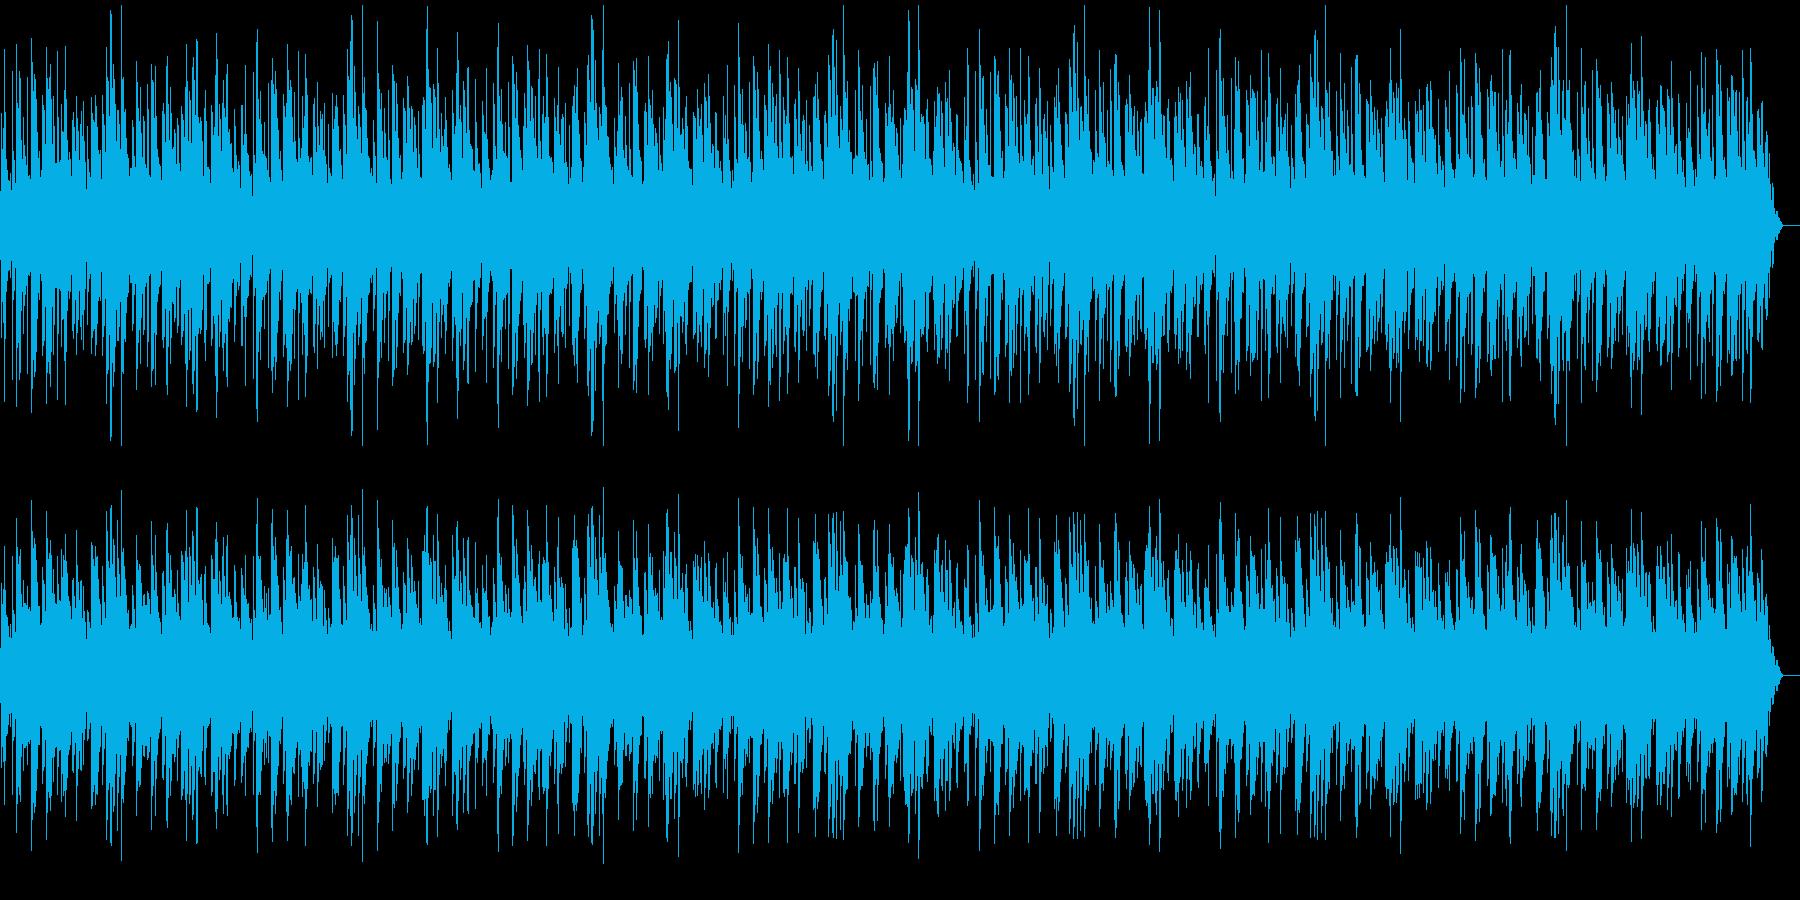 心地よいピアノバラードの再生済みの波形